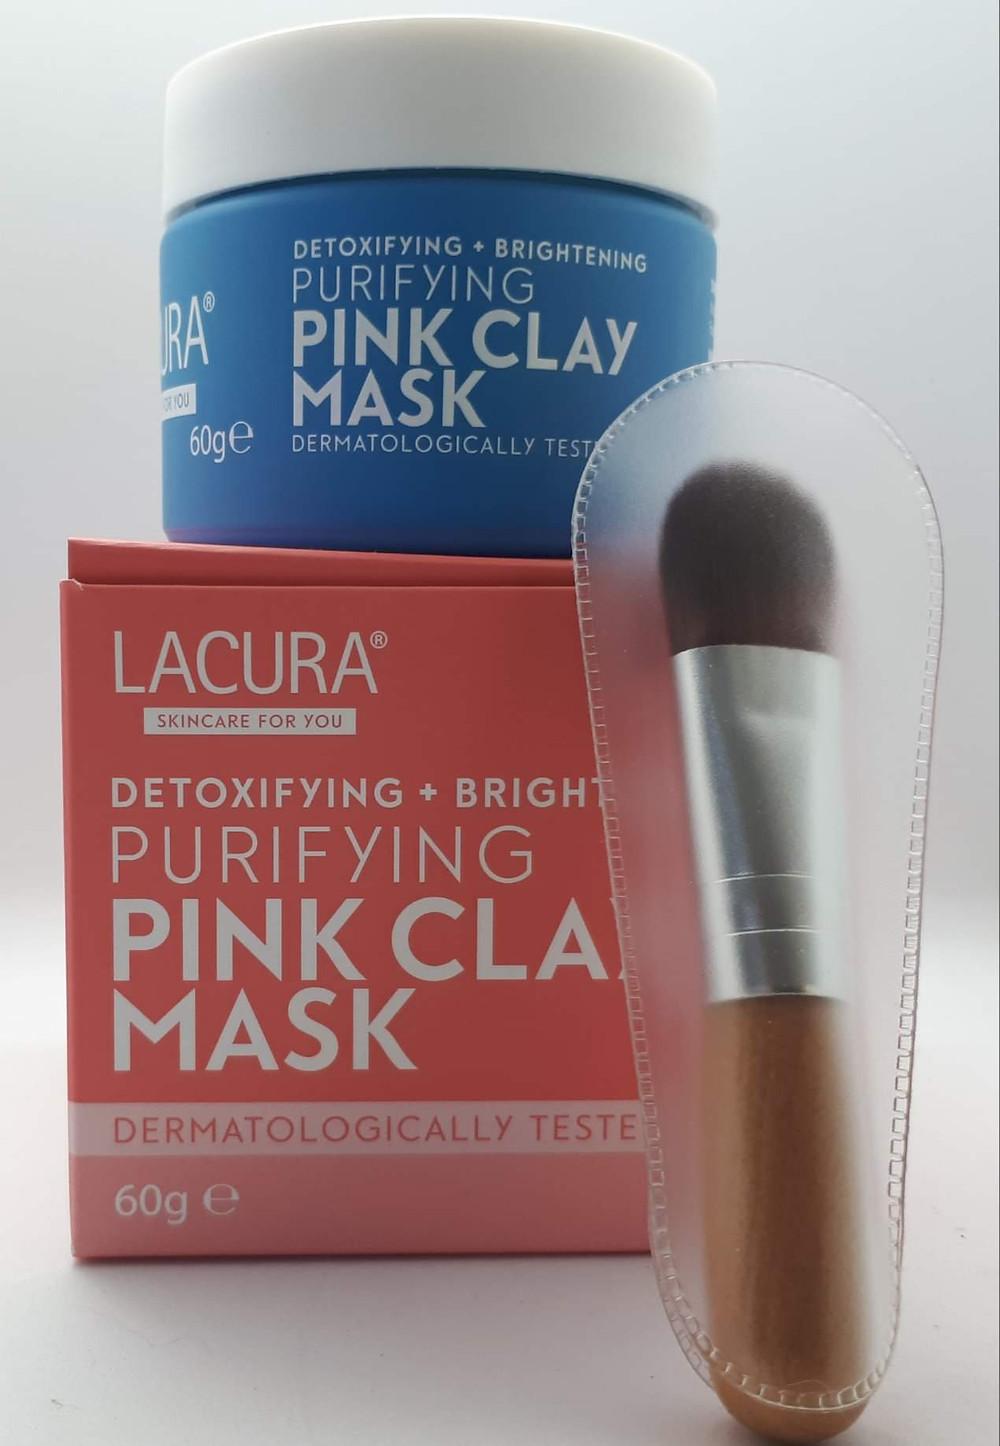 Aldi's Lacura Pink Clay Mask